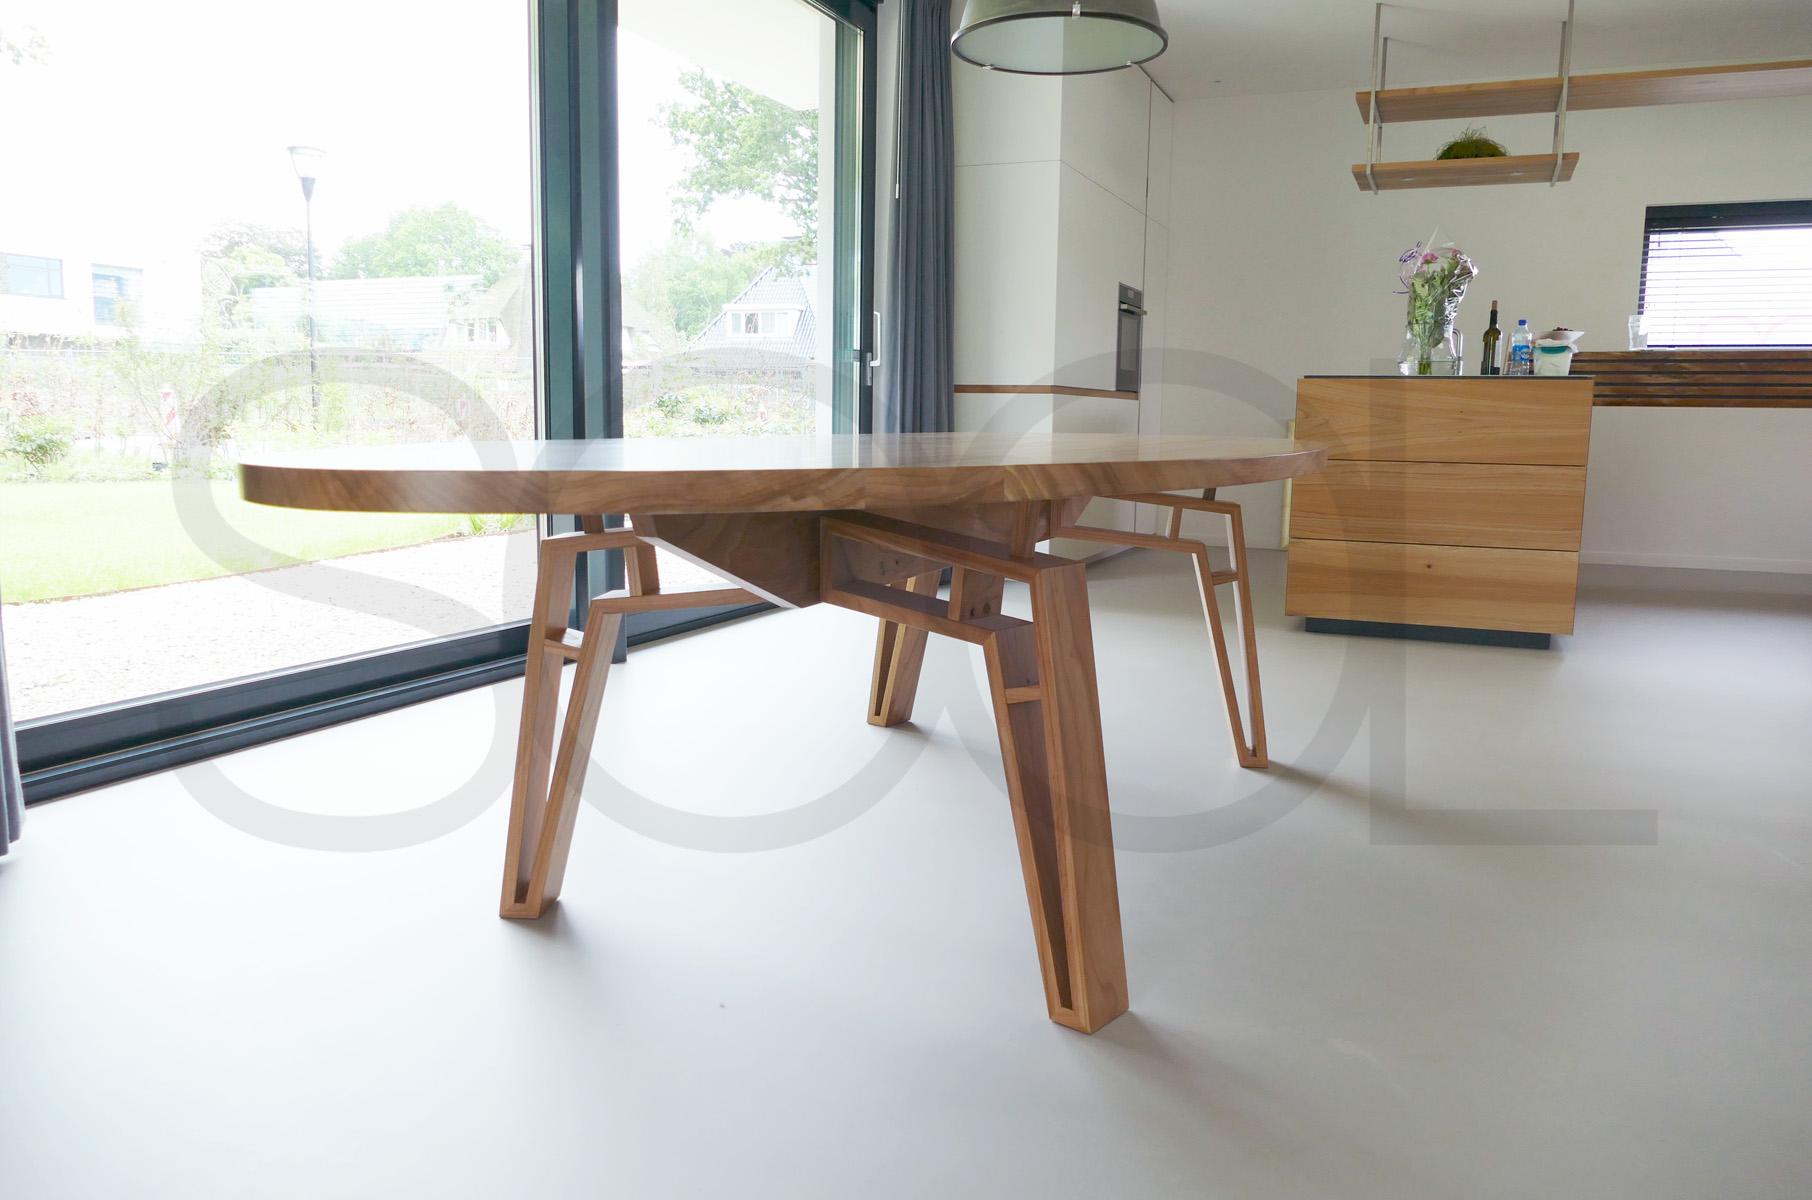 spinnenpoot tafel groningen iepenhout